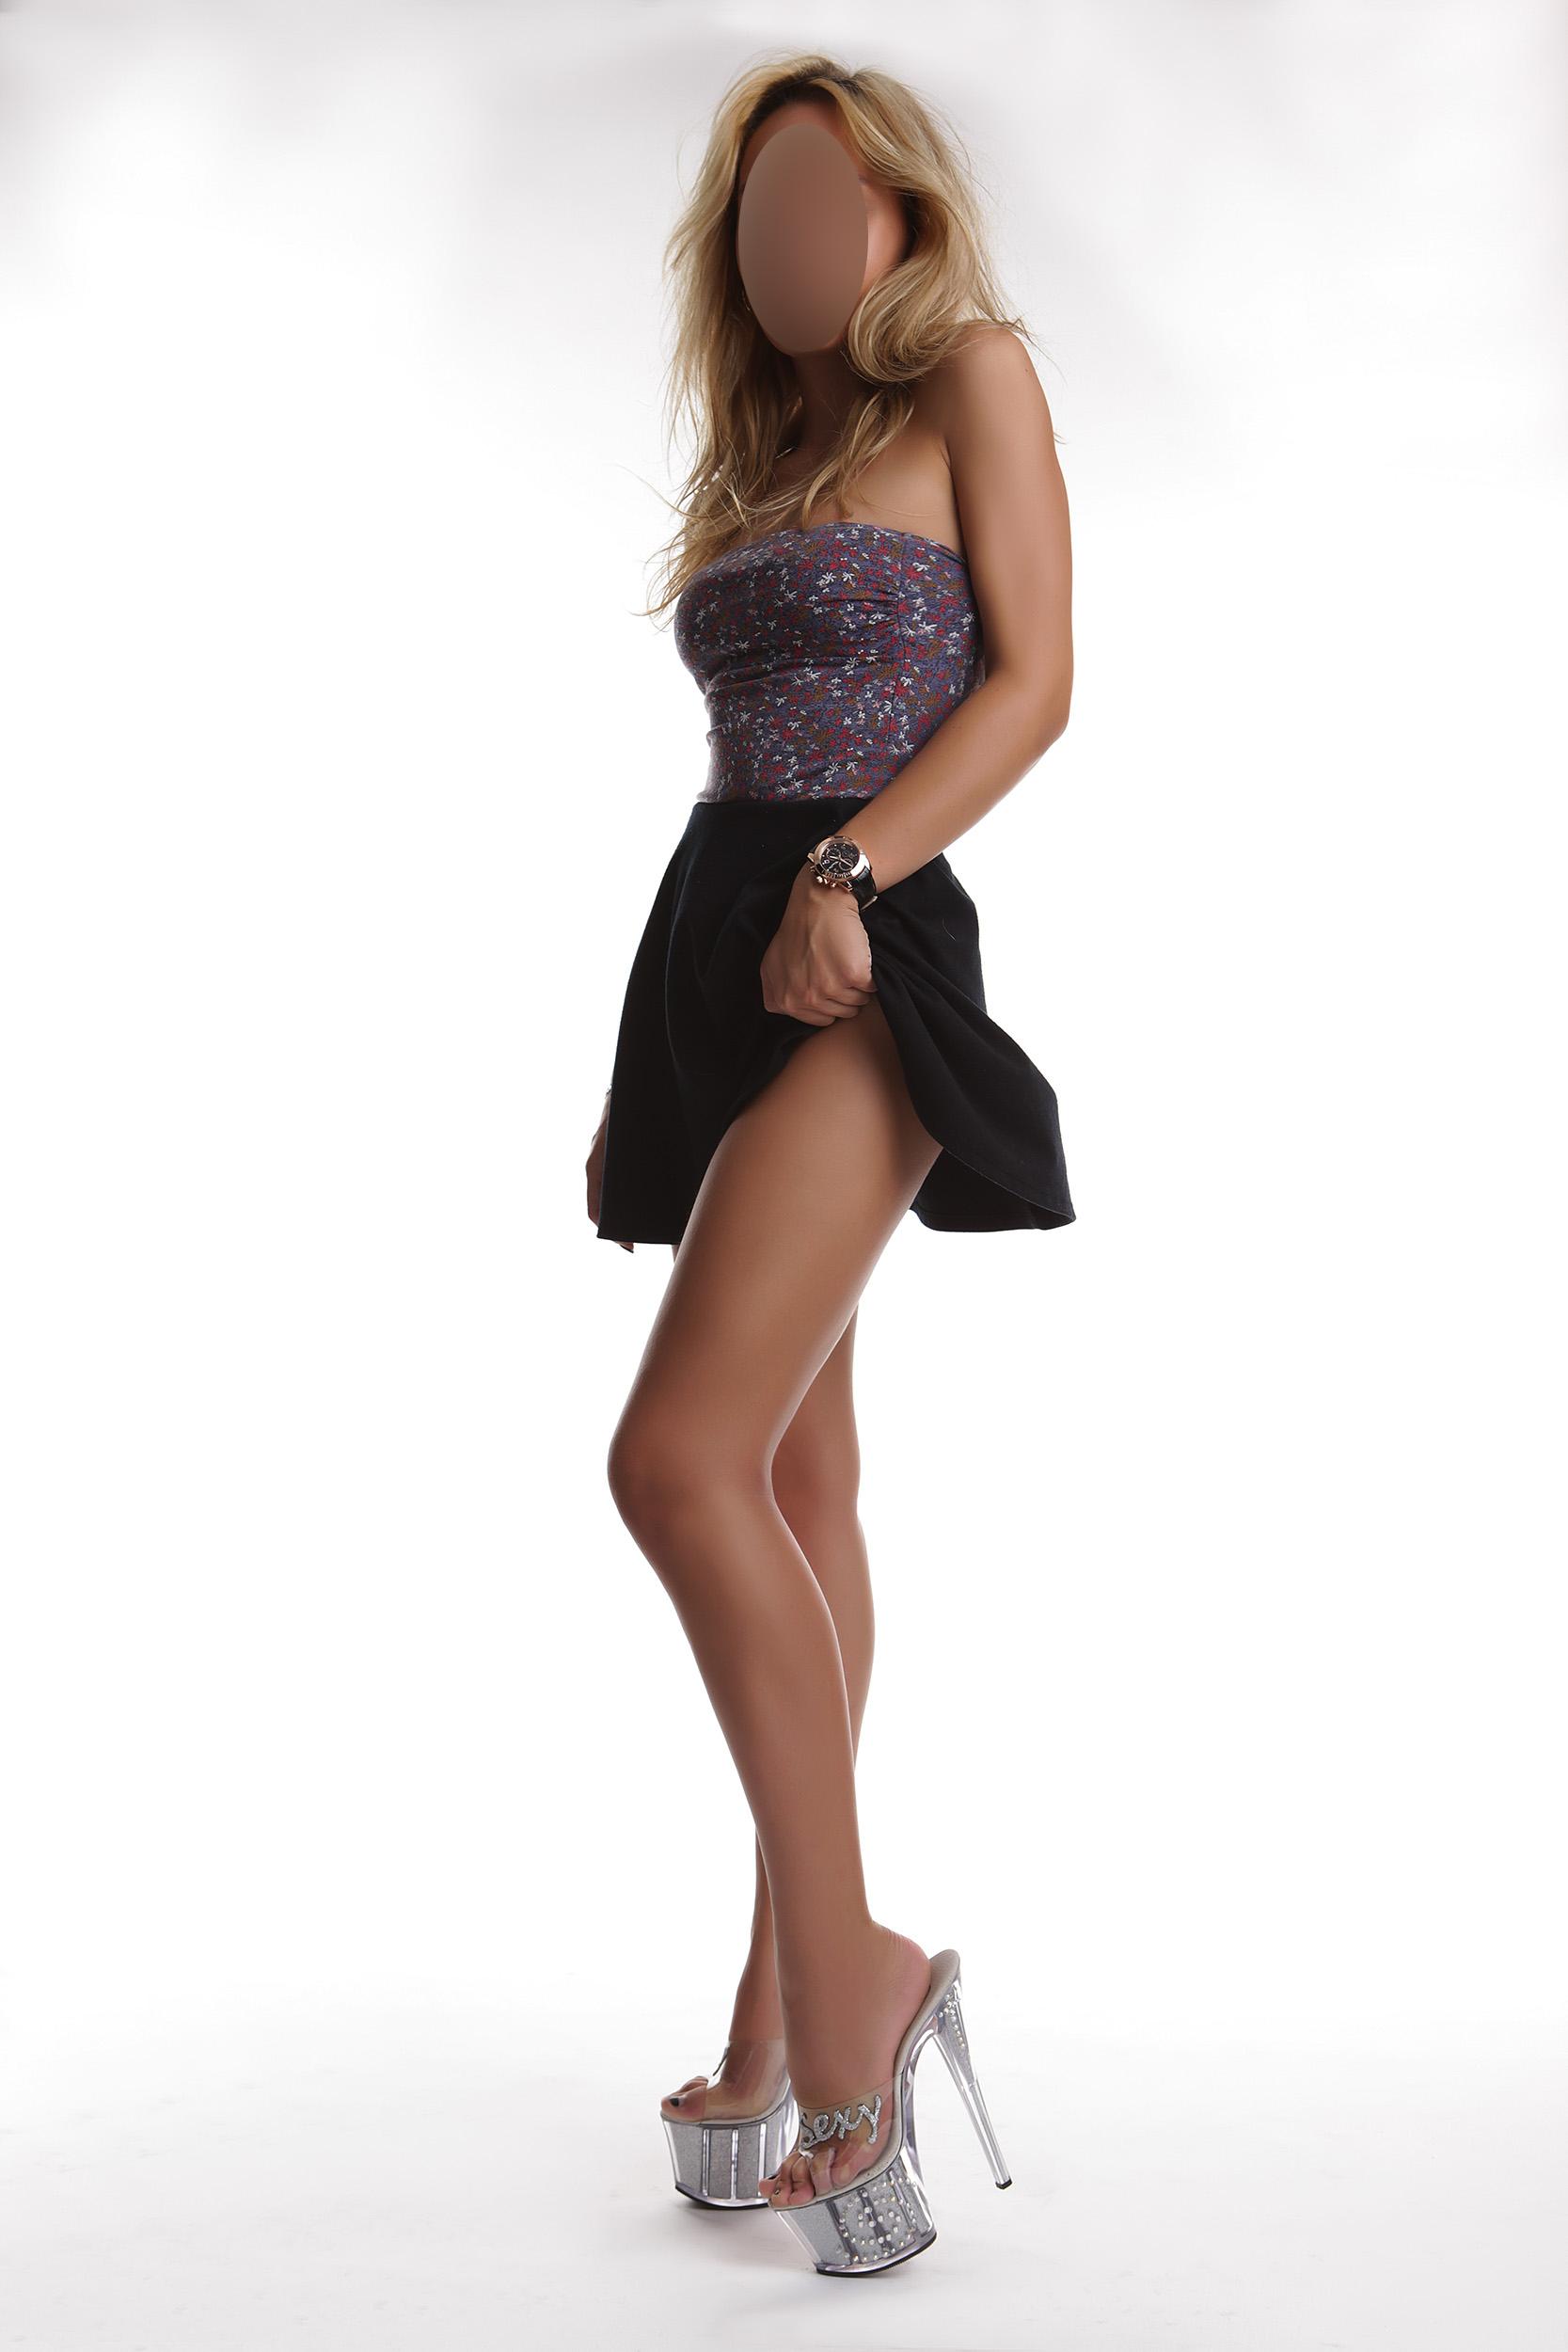 escort girl escort agency europe